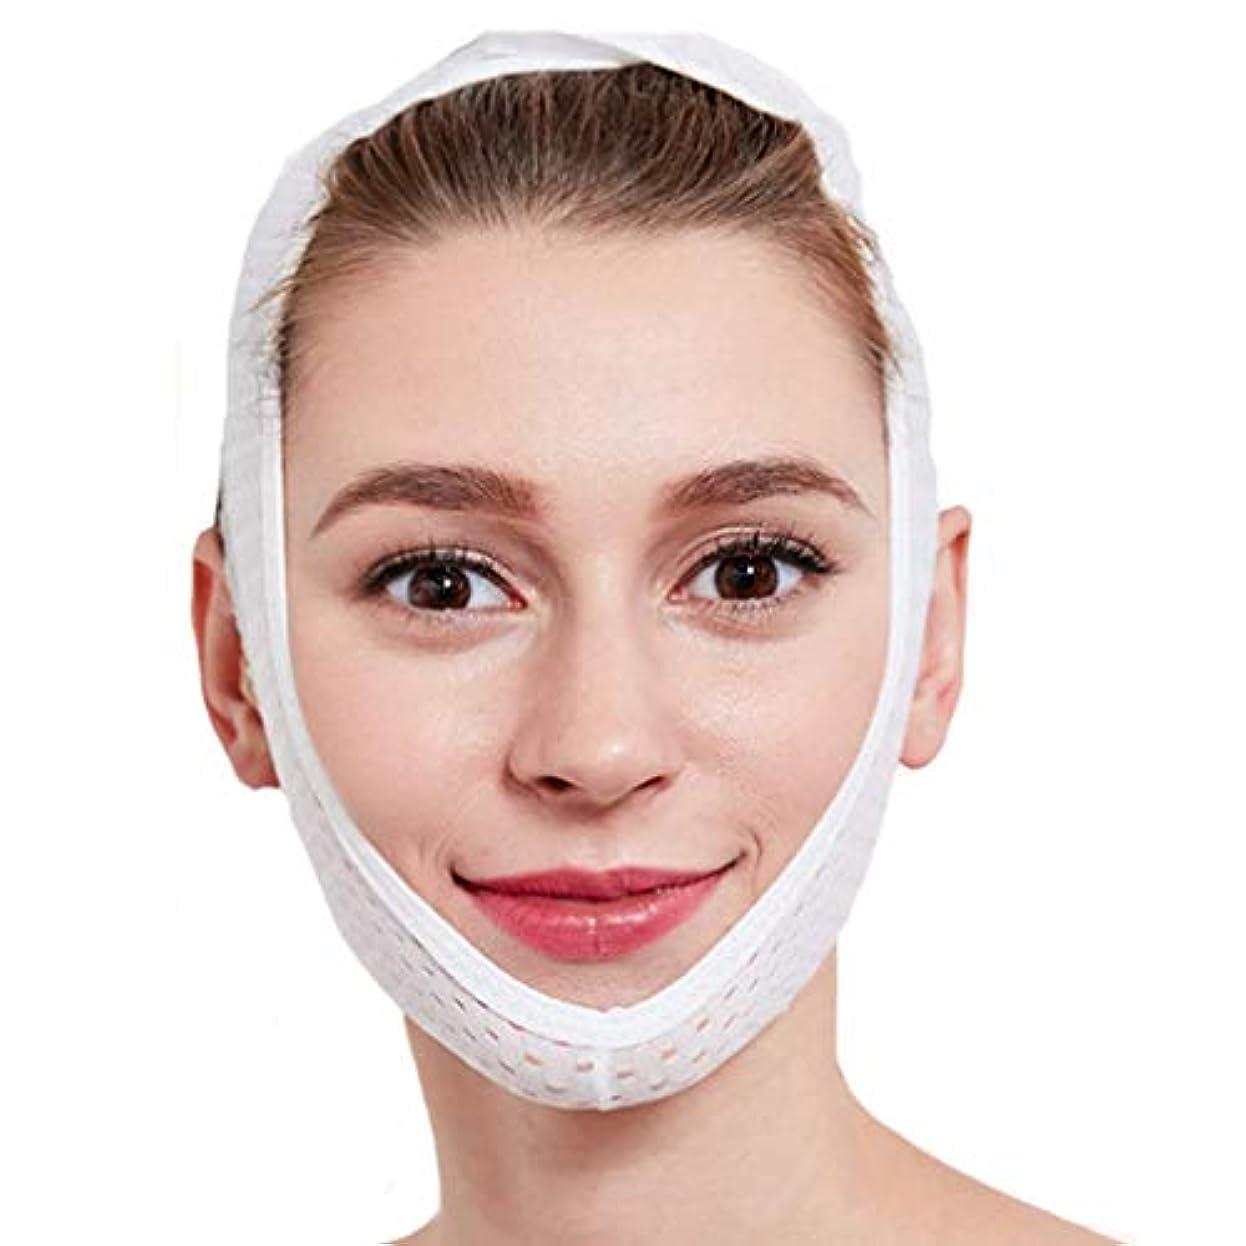 改修する賭け再生可能小顔リフトアップベルト 小顔補正ベルト 小顔補正 美容グッズ 二重あご シェイプアップ 加圧マスク ベルト